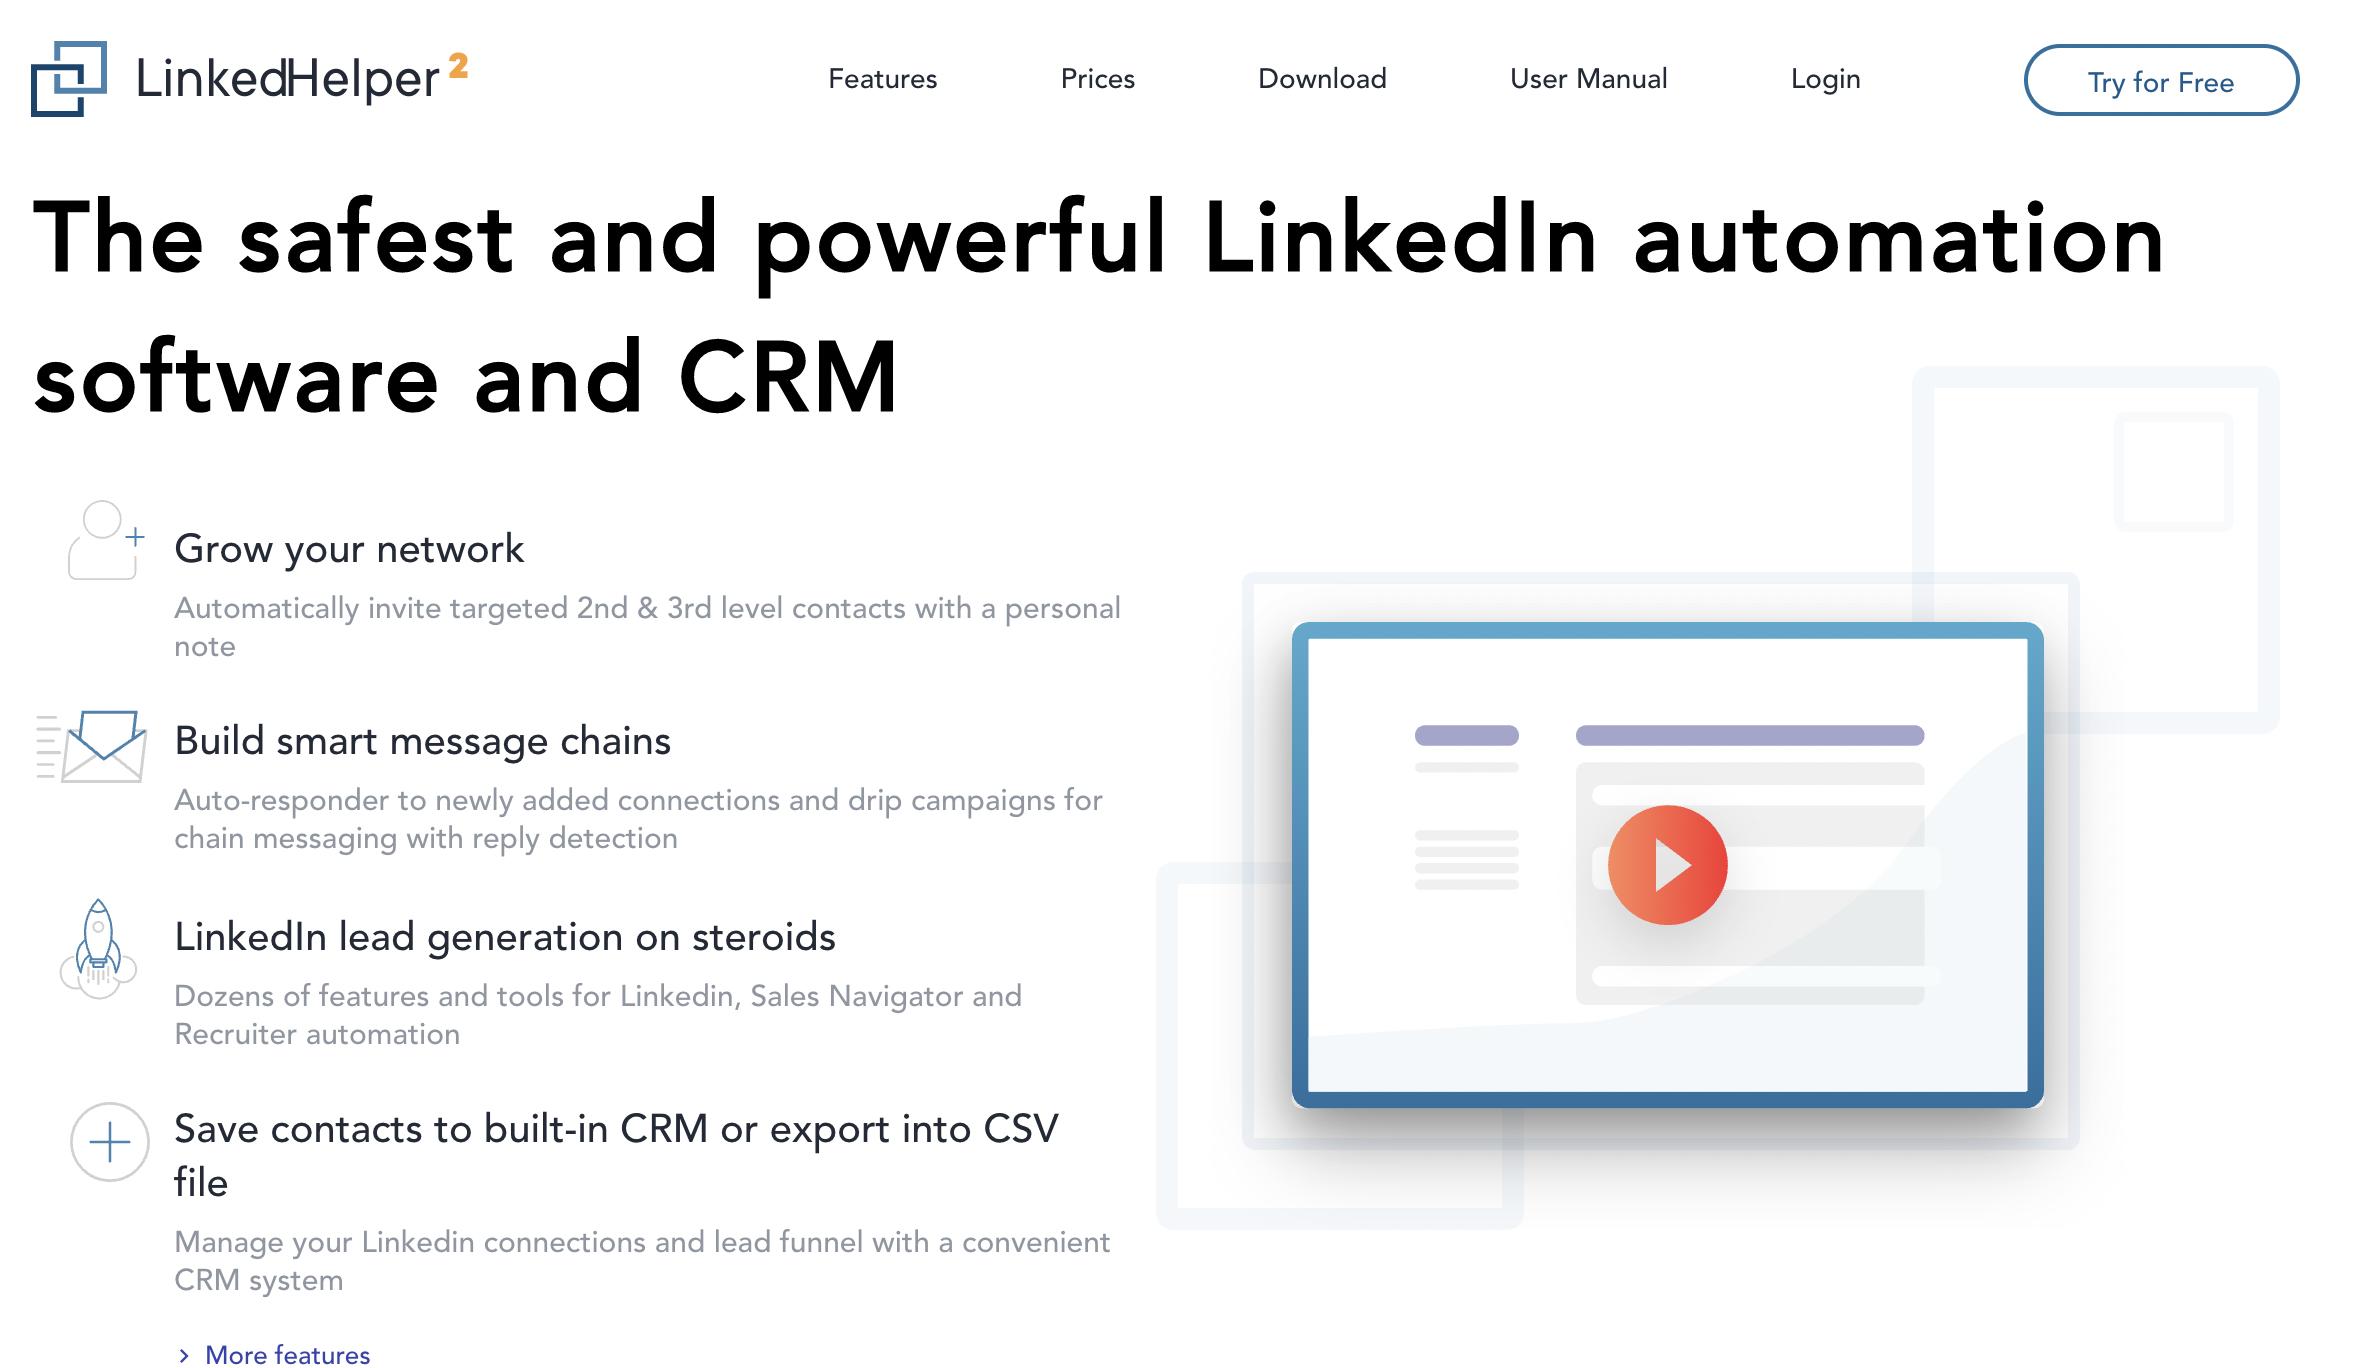 generate-leads-sales-navigator-linkedin-helper.png